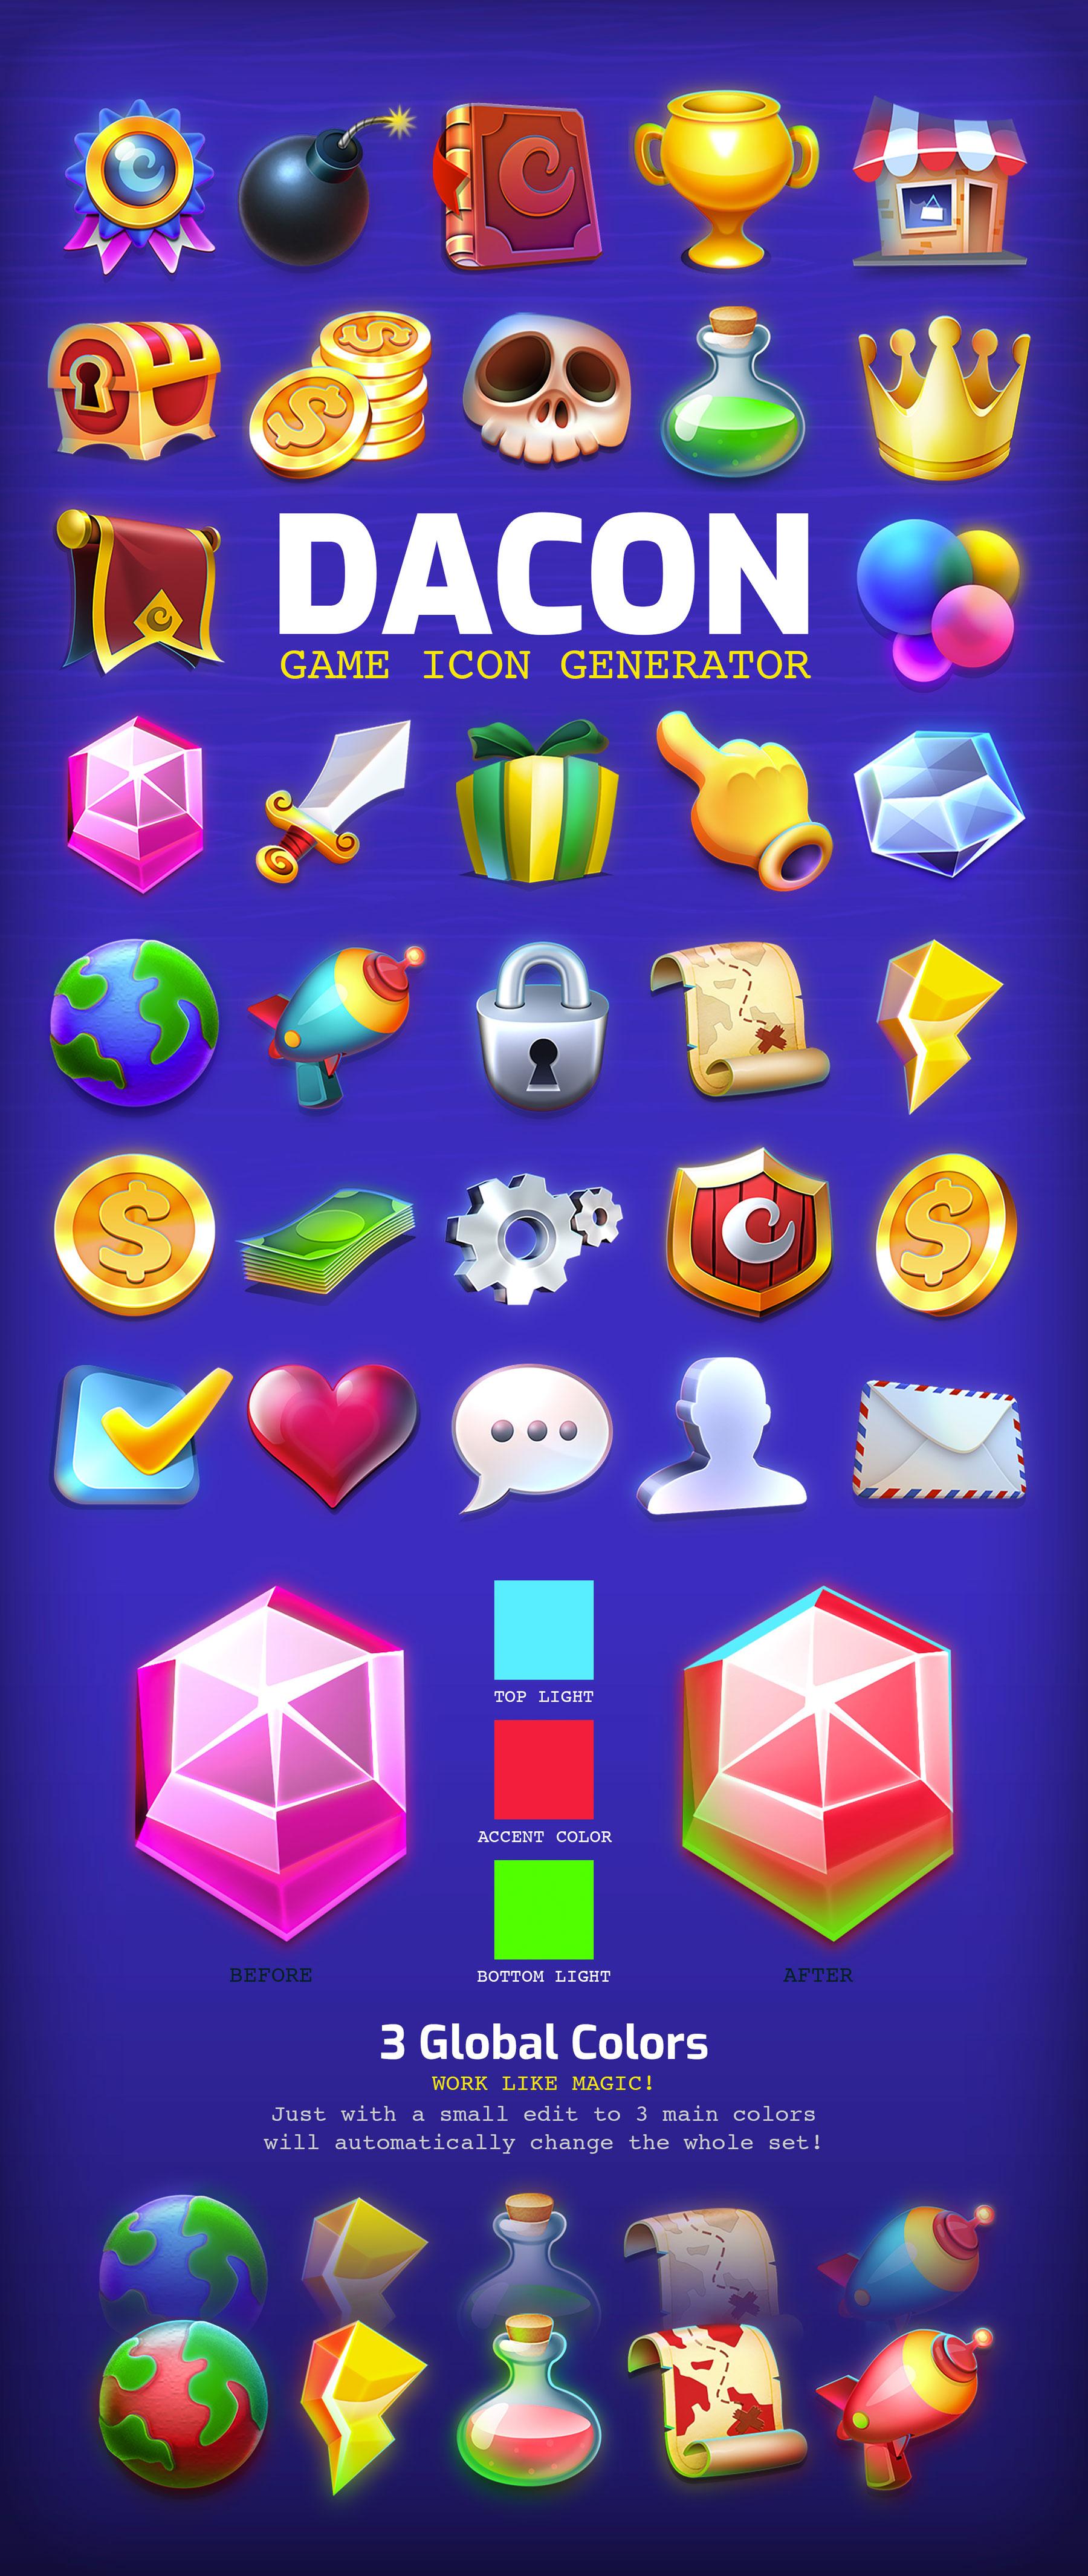 高品质多彩游戏3D图标PS设计素材 DACON – Game Icon Generator插图(8)